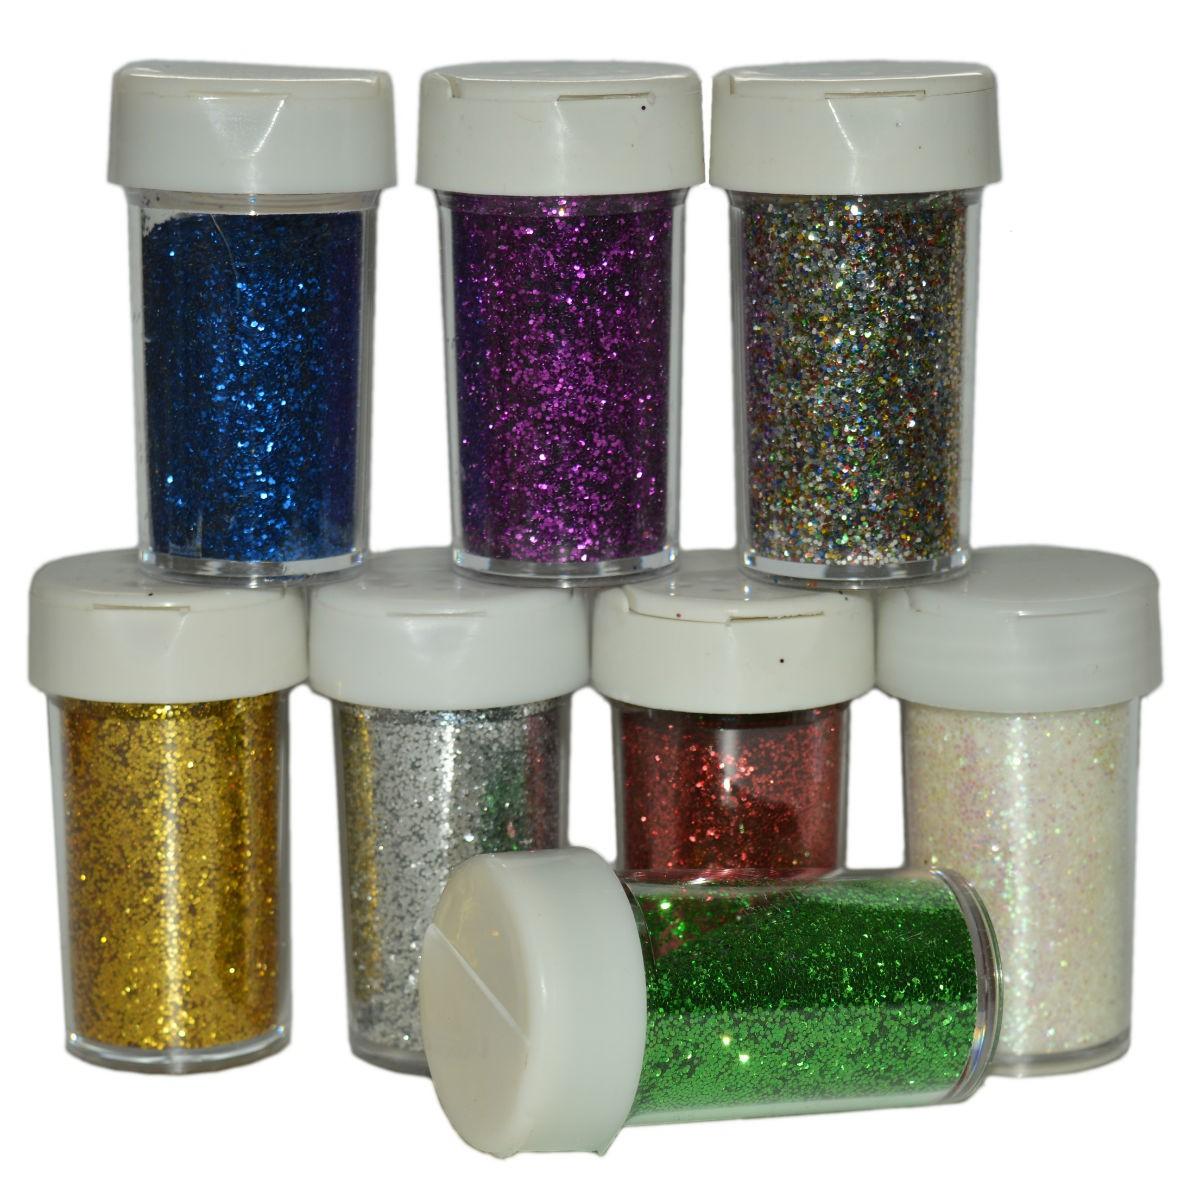 deko glitter set 8x20g glitzer zum basteln sortiert in 8 farben. Black Bedroom Furniture Sets. Home Design Ideas